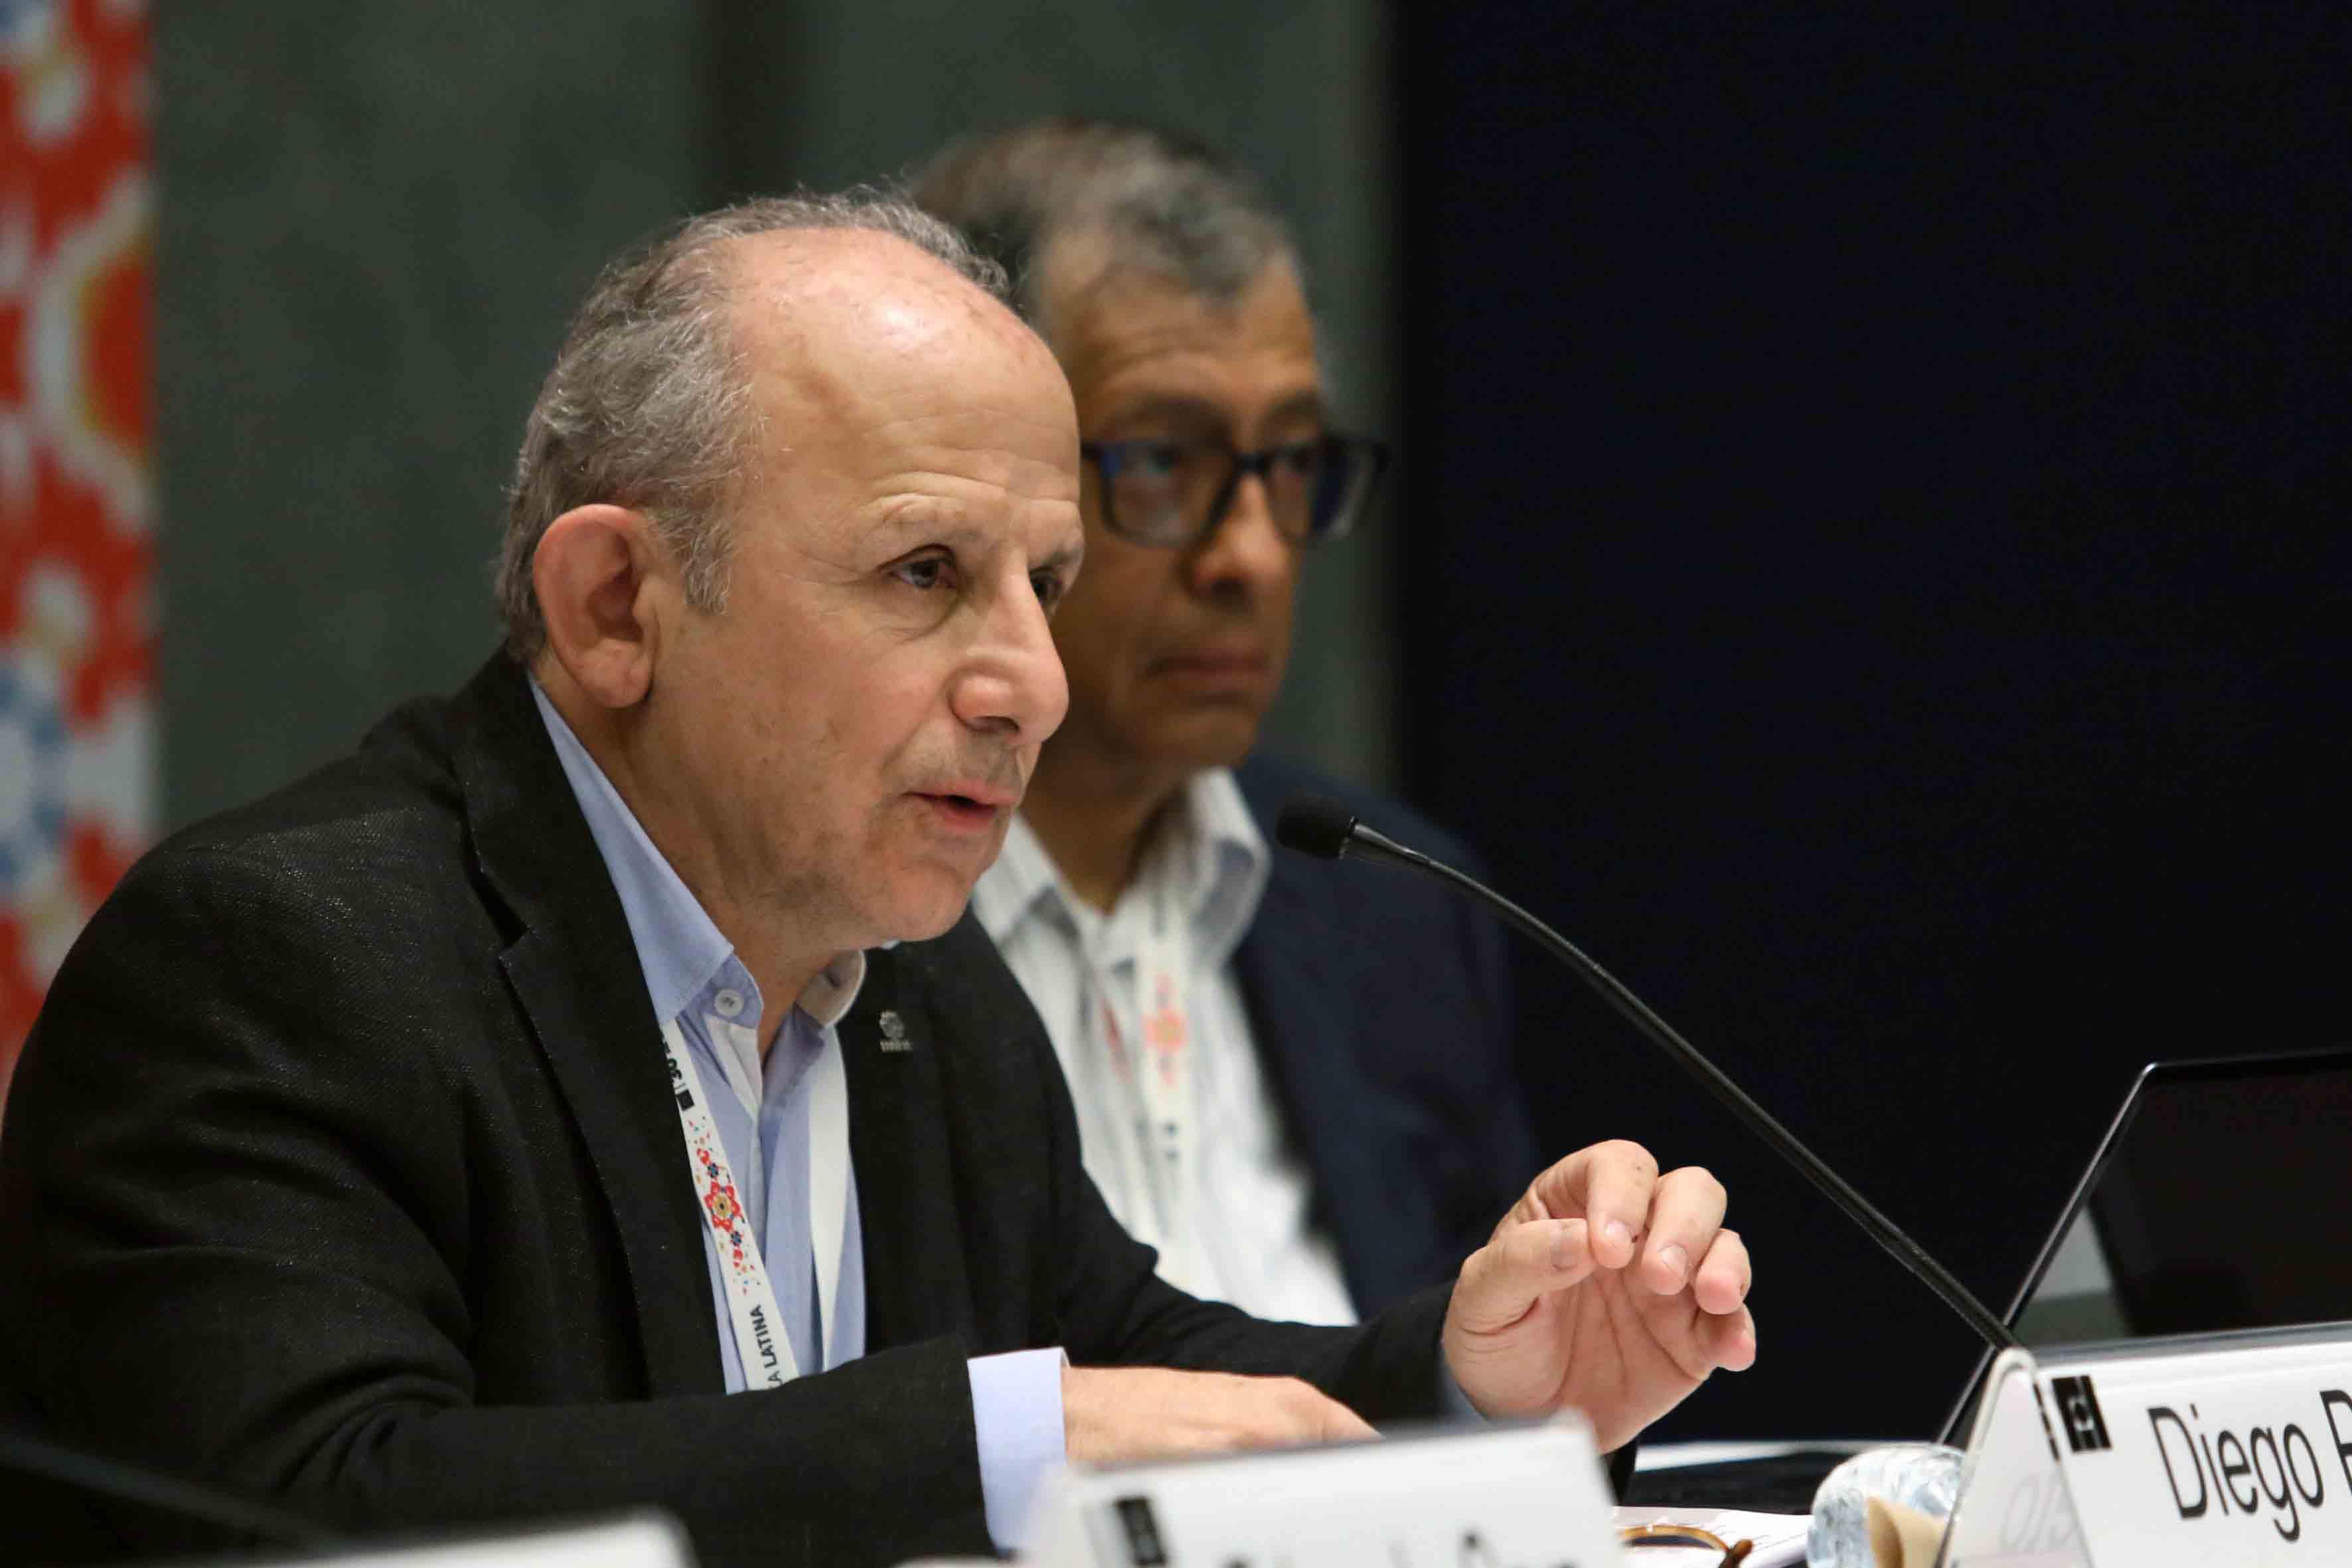 Antropólogo Diego Prieto Hernández, Profesor universitario y autor de diversas publicaciones, participando en el panel.